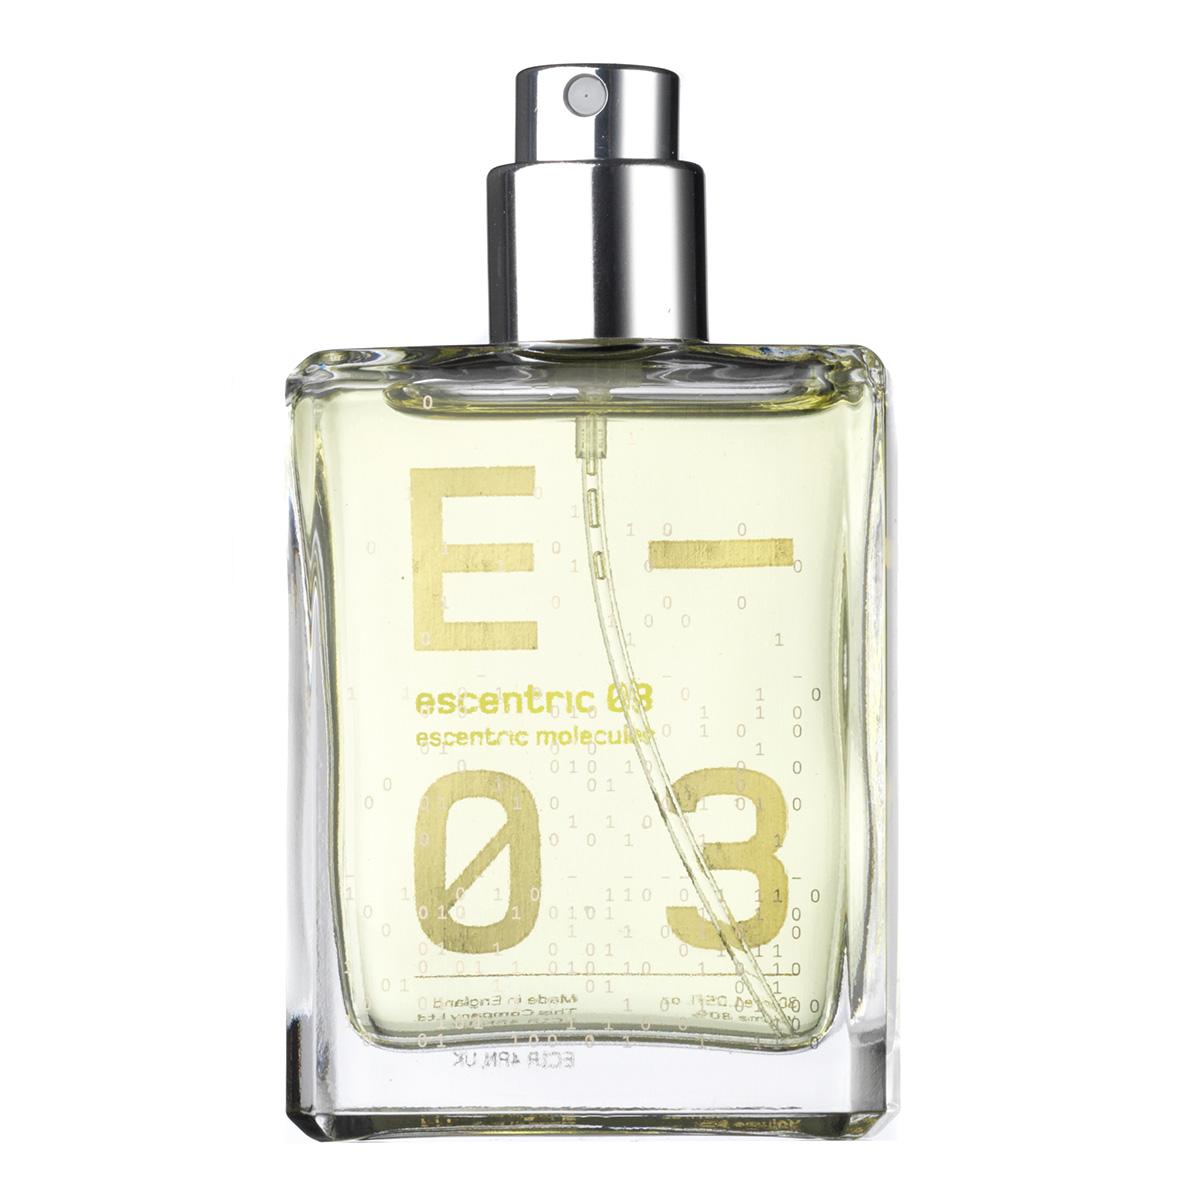 Escentric Molecules Escentric 03 EdT - 30 ml refill